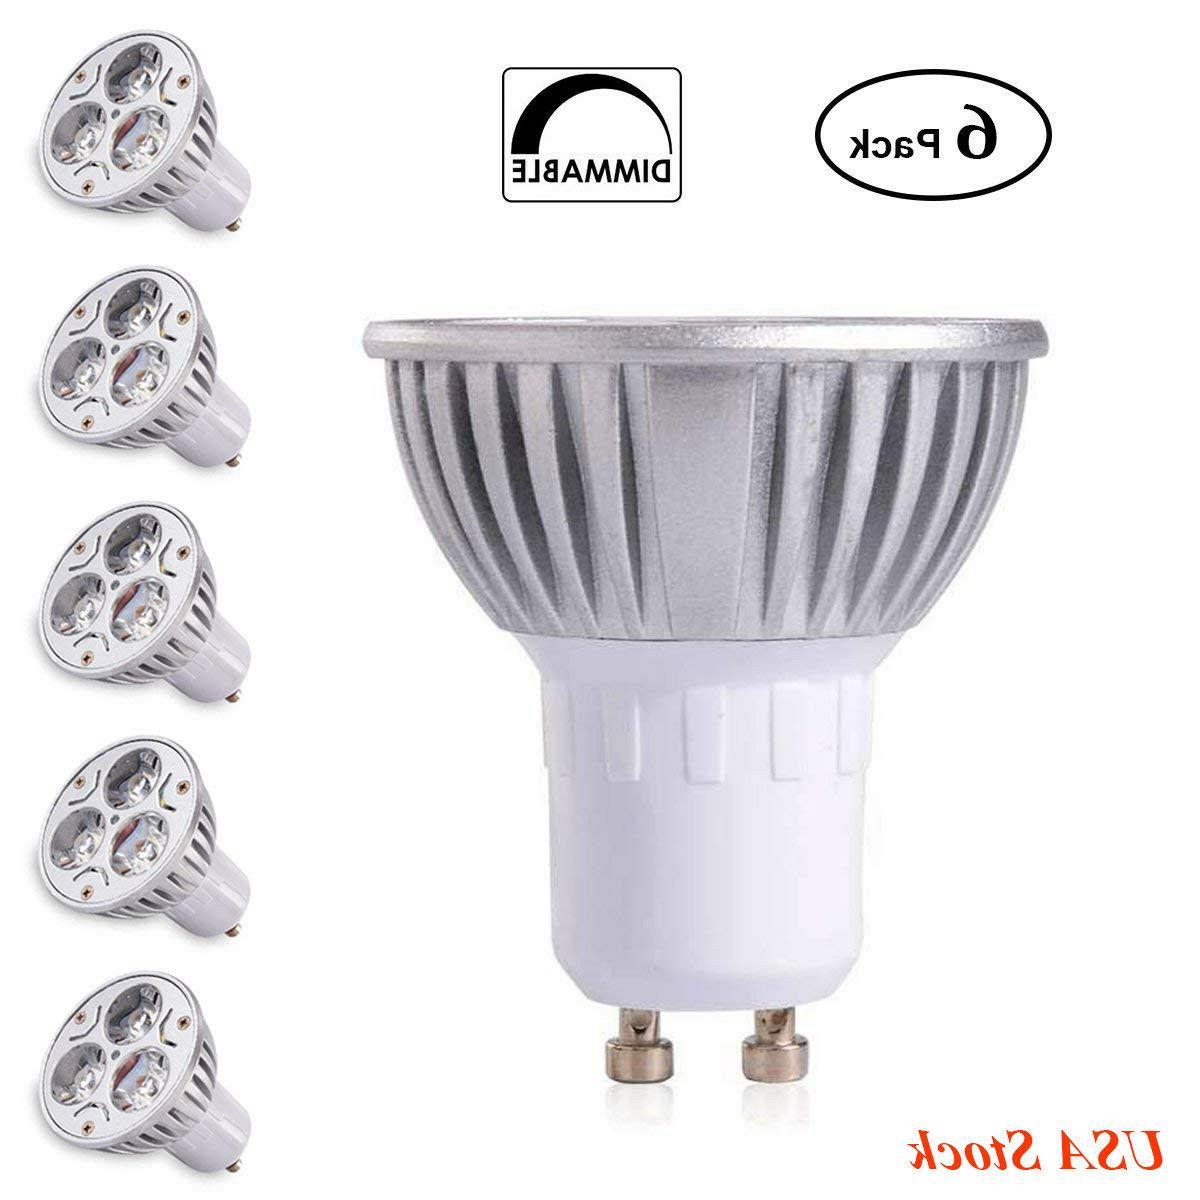 6pcs gu10 led spotlight bulbs 3w 4w